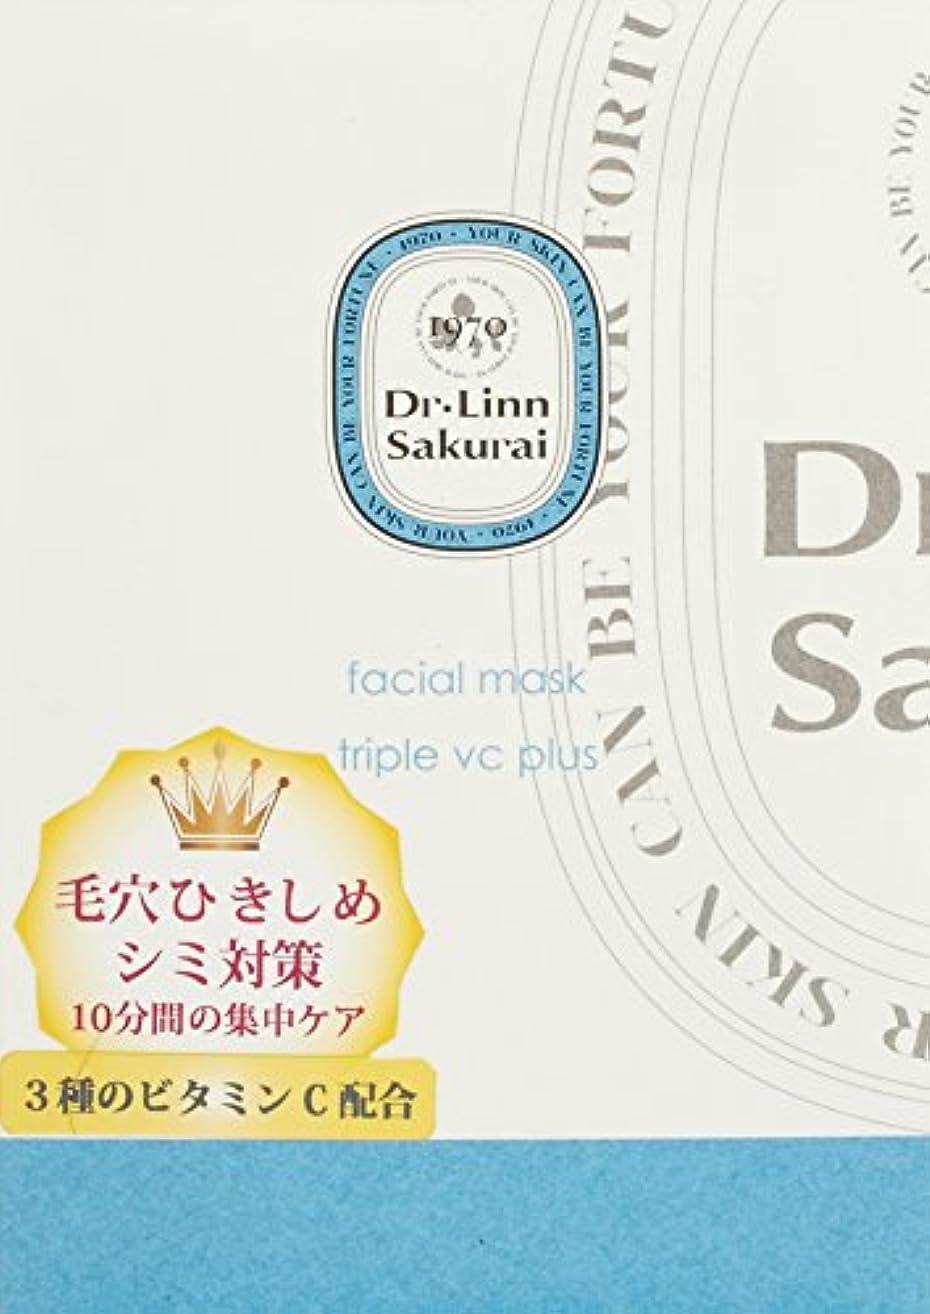 Dr.リンサクライ フェイシャルマスクトリプルVCプラス 20ml×5包